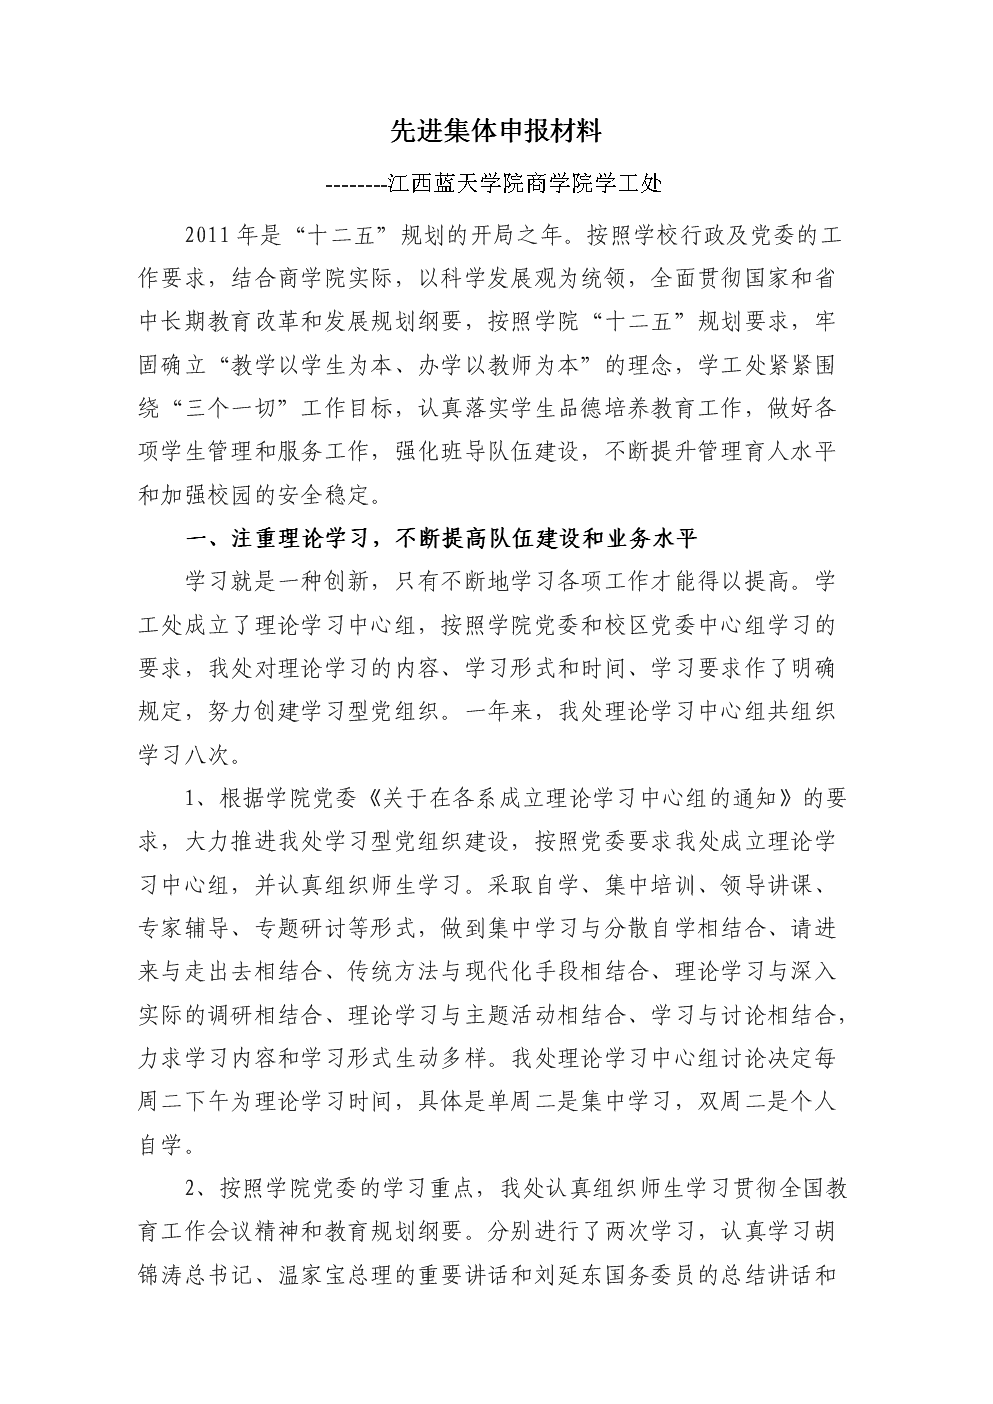 商学院学工处先进集体申报材料.doc